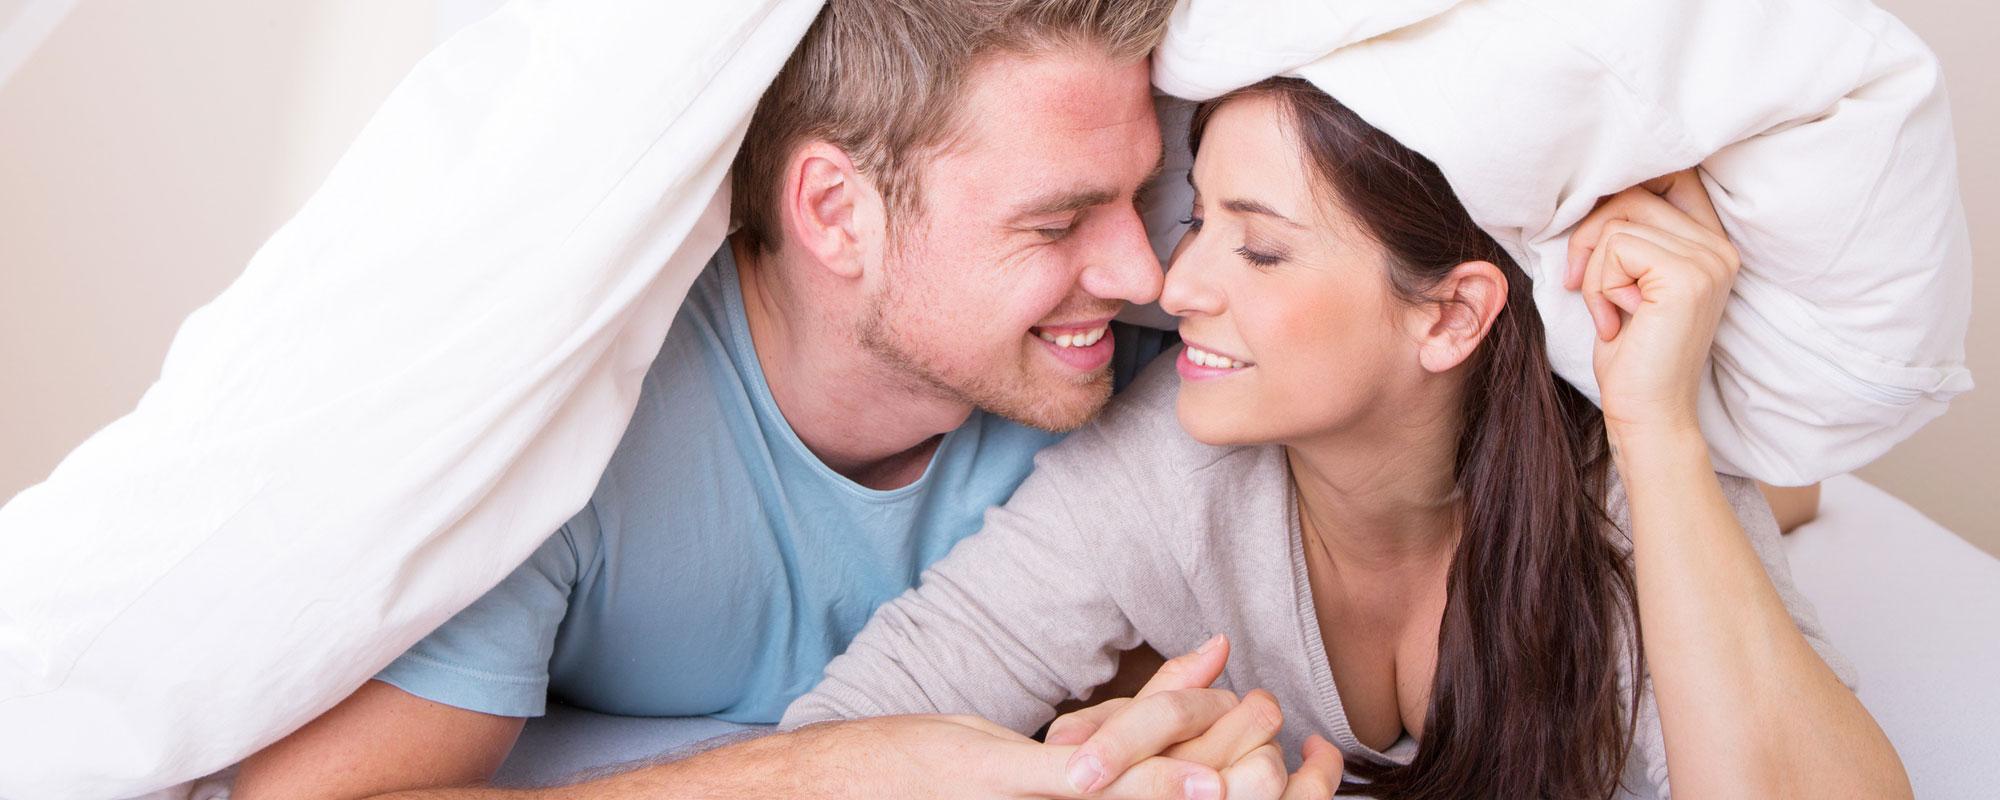 <strong>Problemi di erezione?<br/>Possiamo capirne le cause e curare l'impotenza</strong>